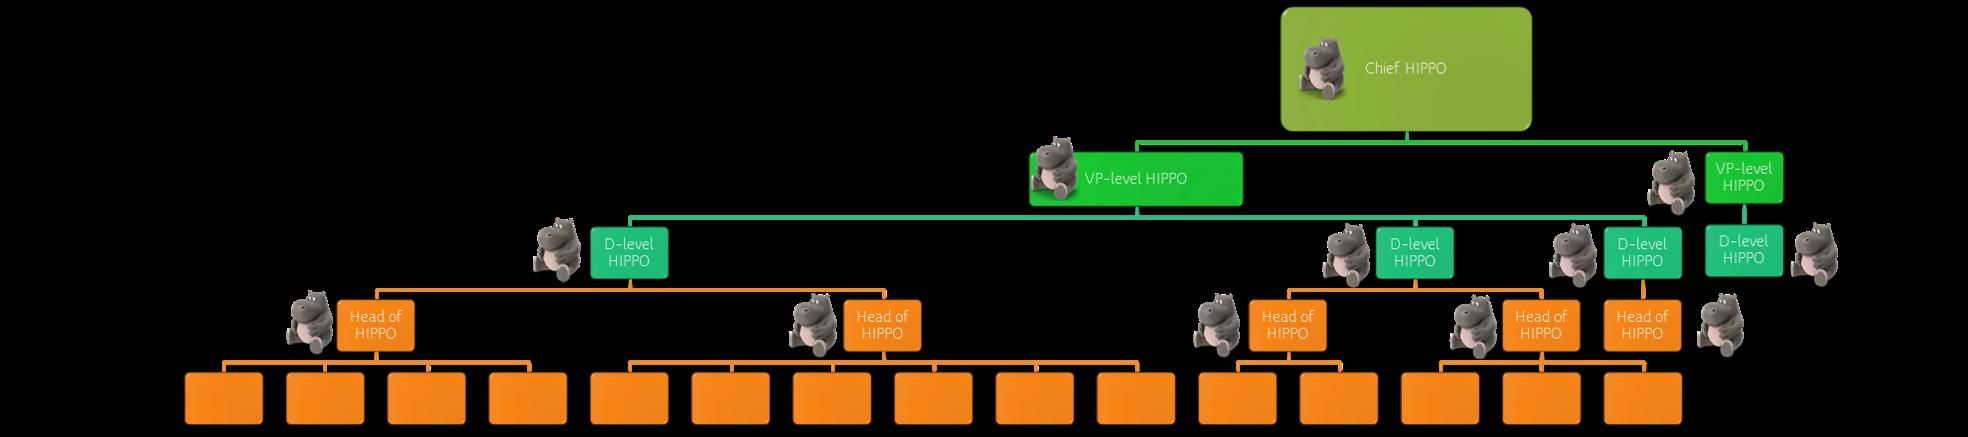 HIPPO hierarchy